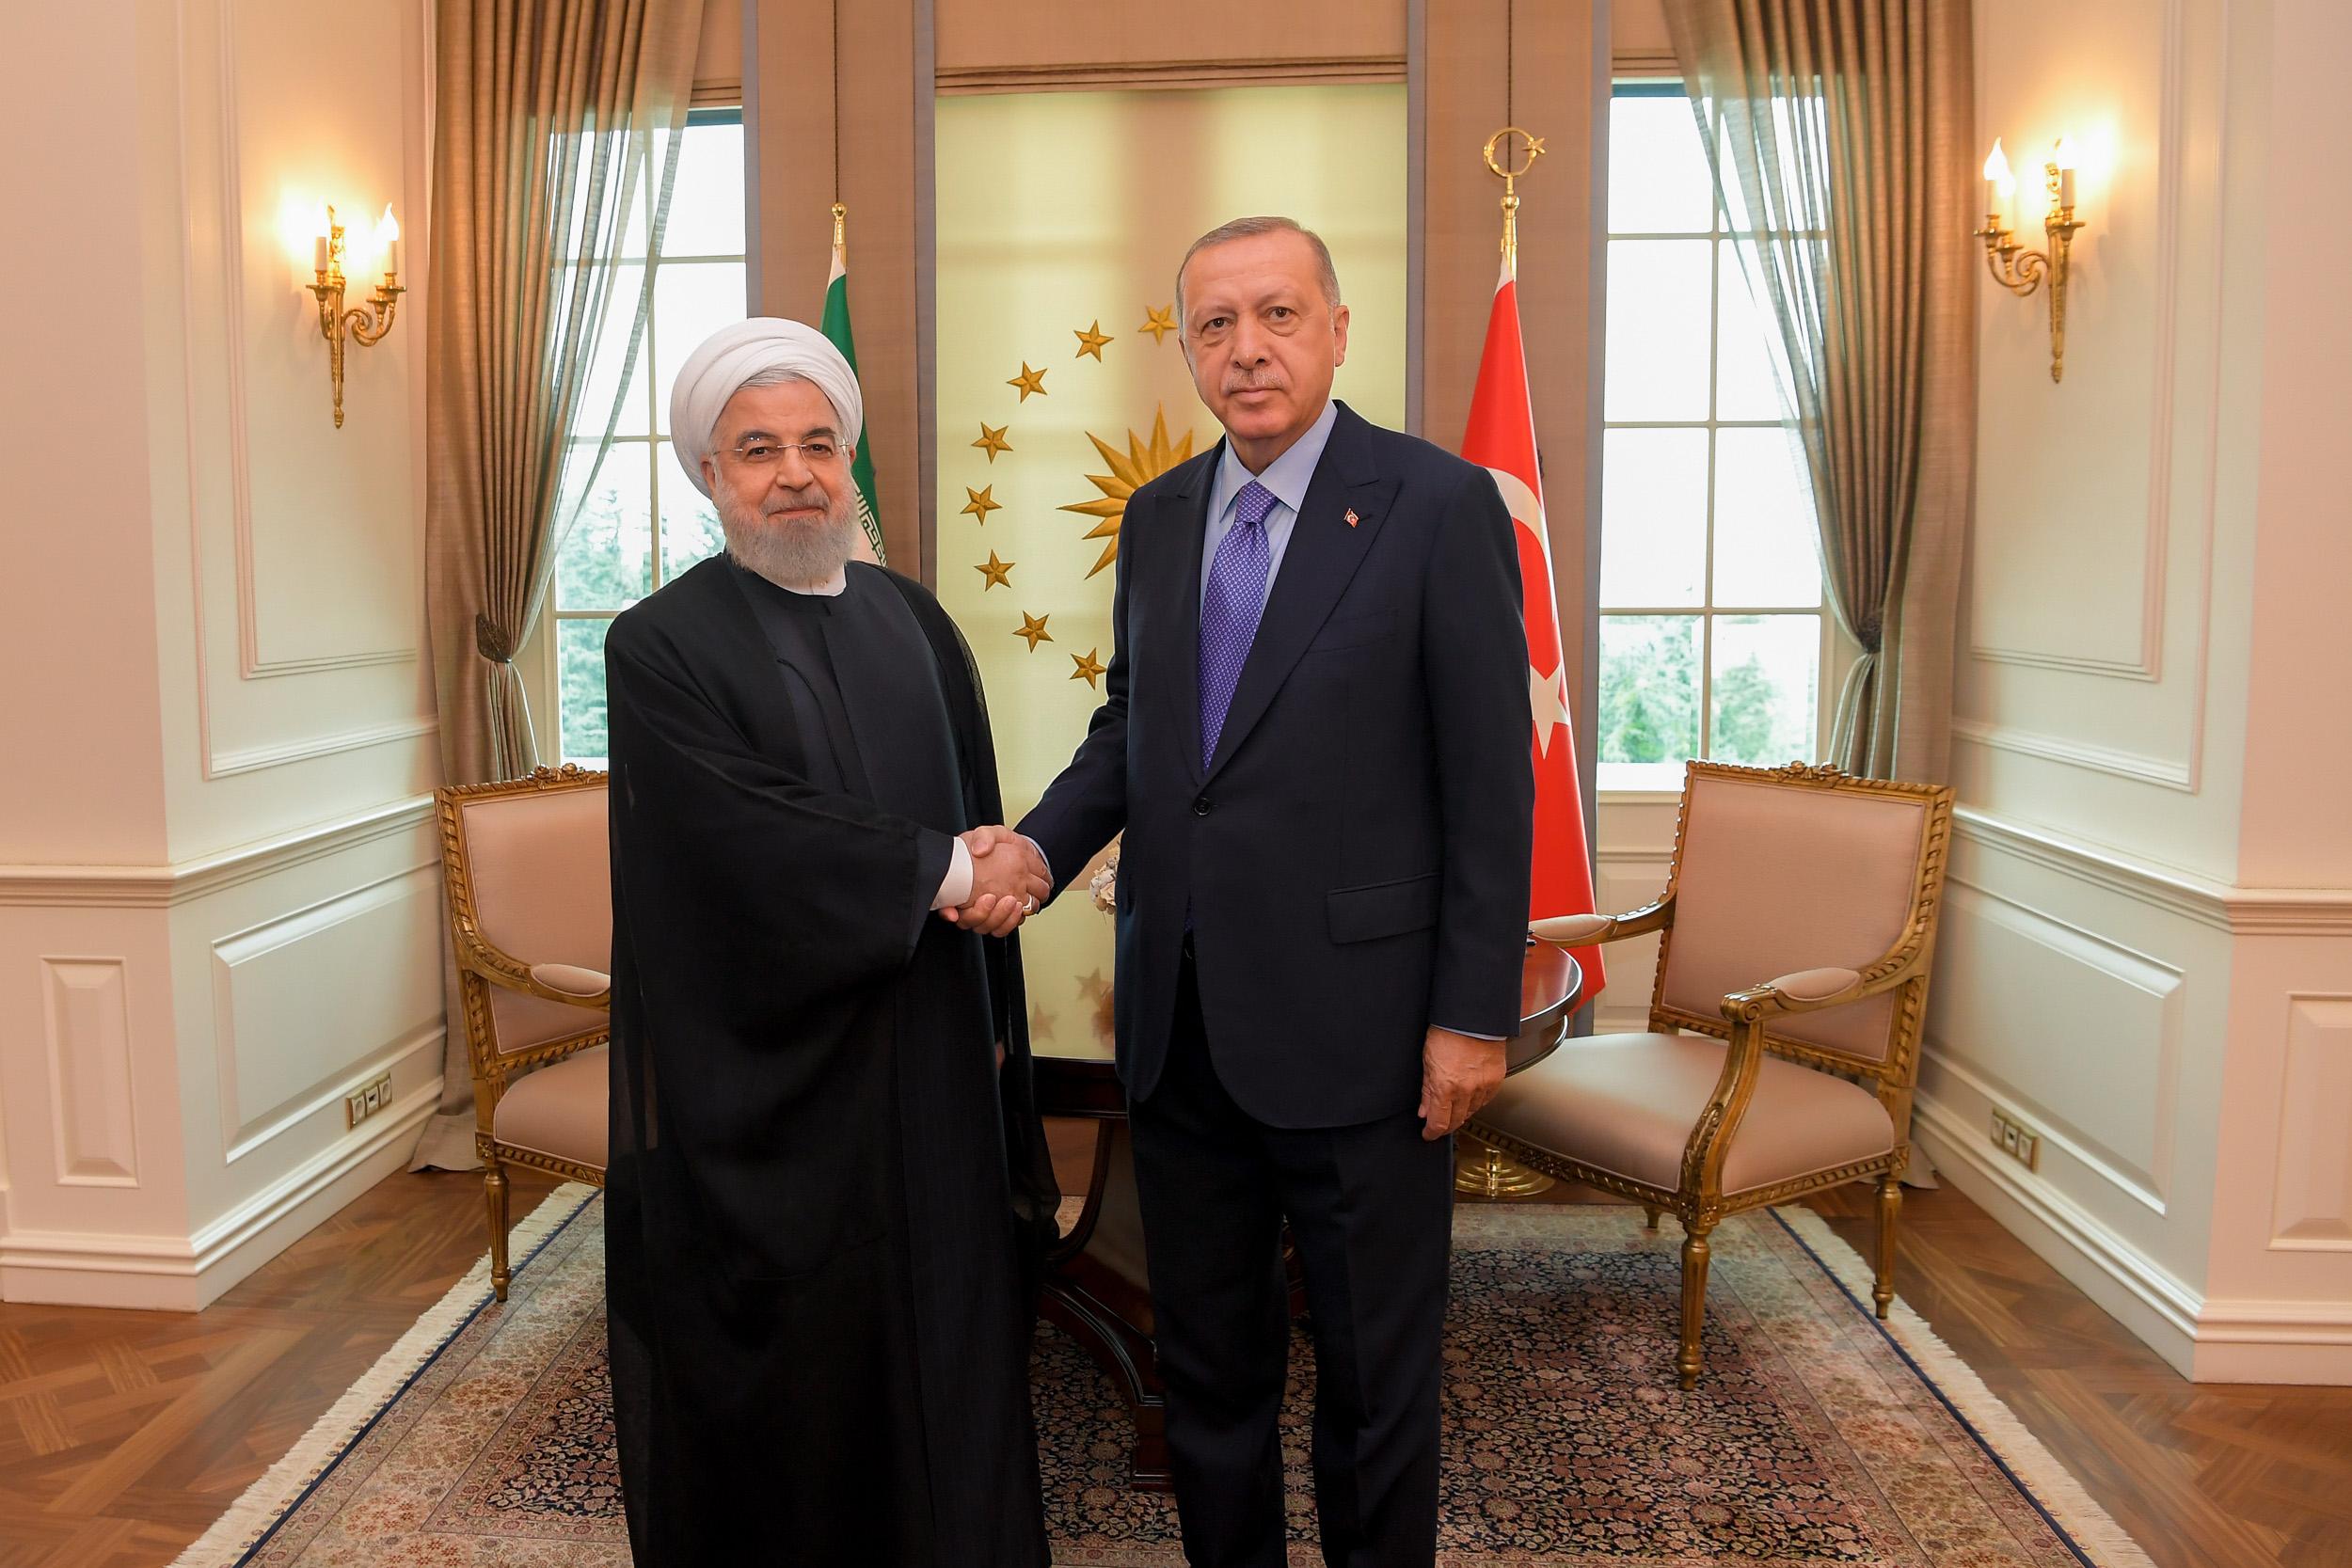 عکس دیدار حسن روحانی با رجب طیب اردوغان